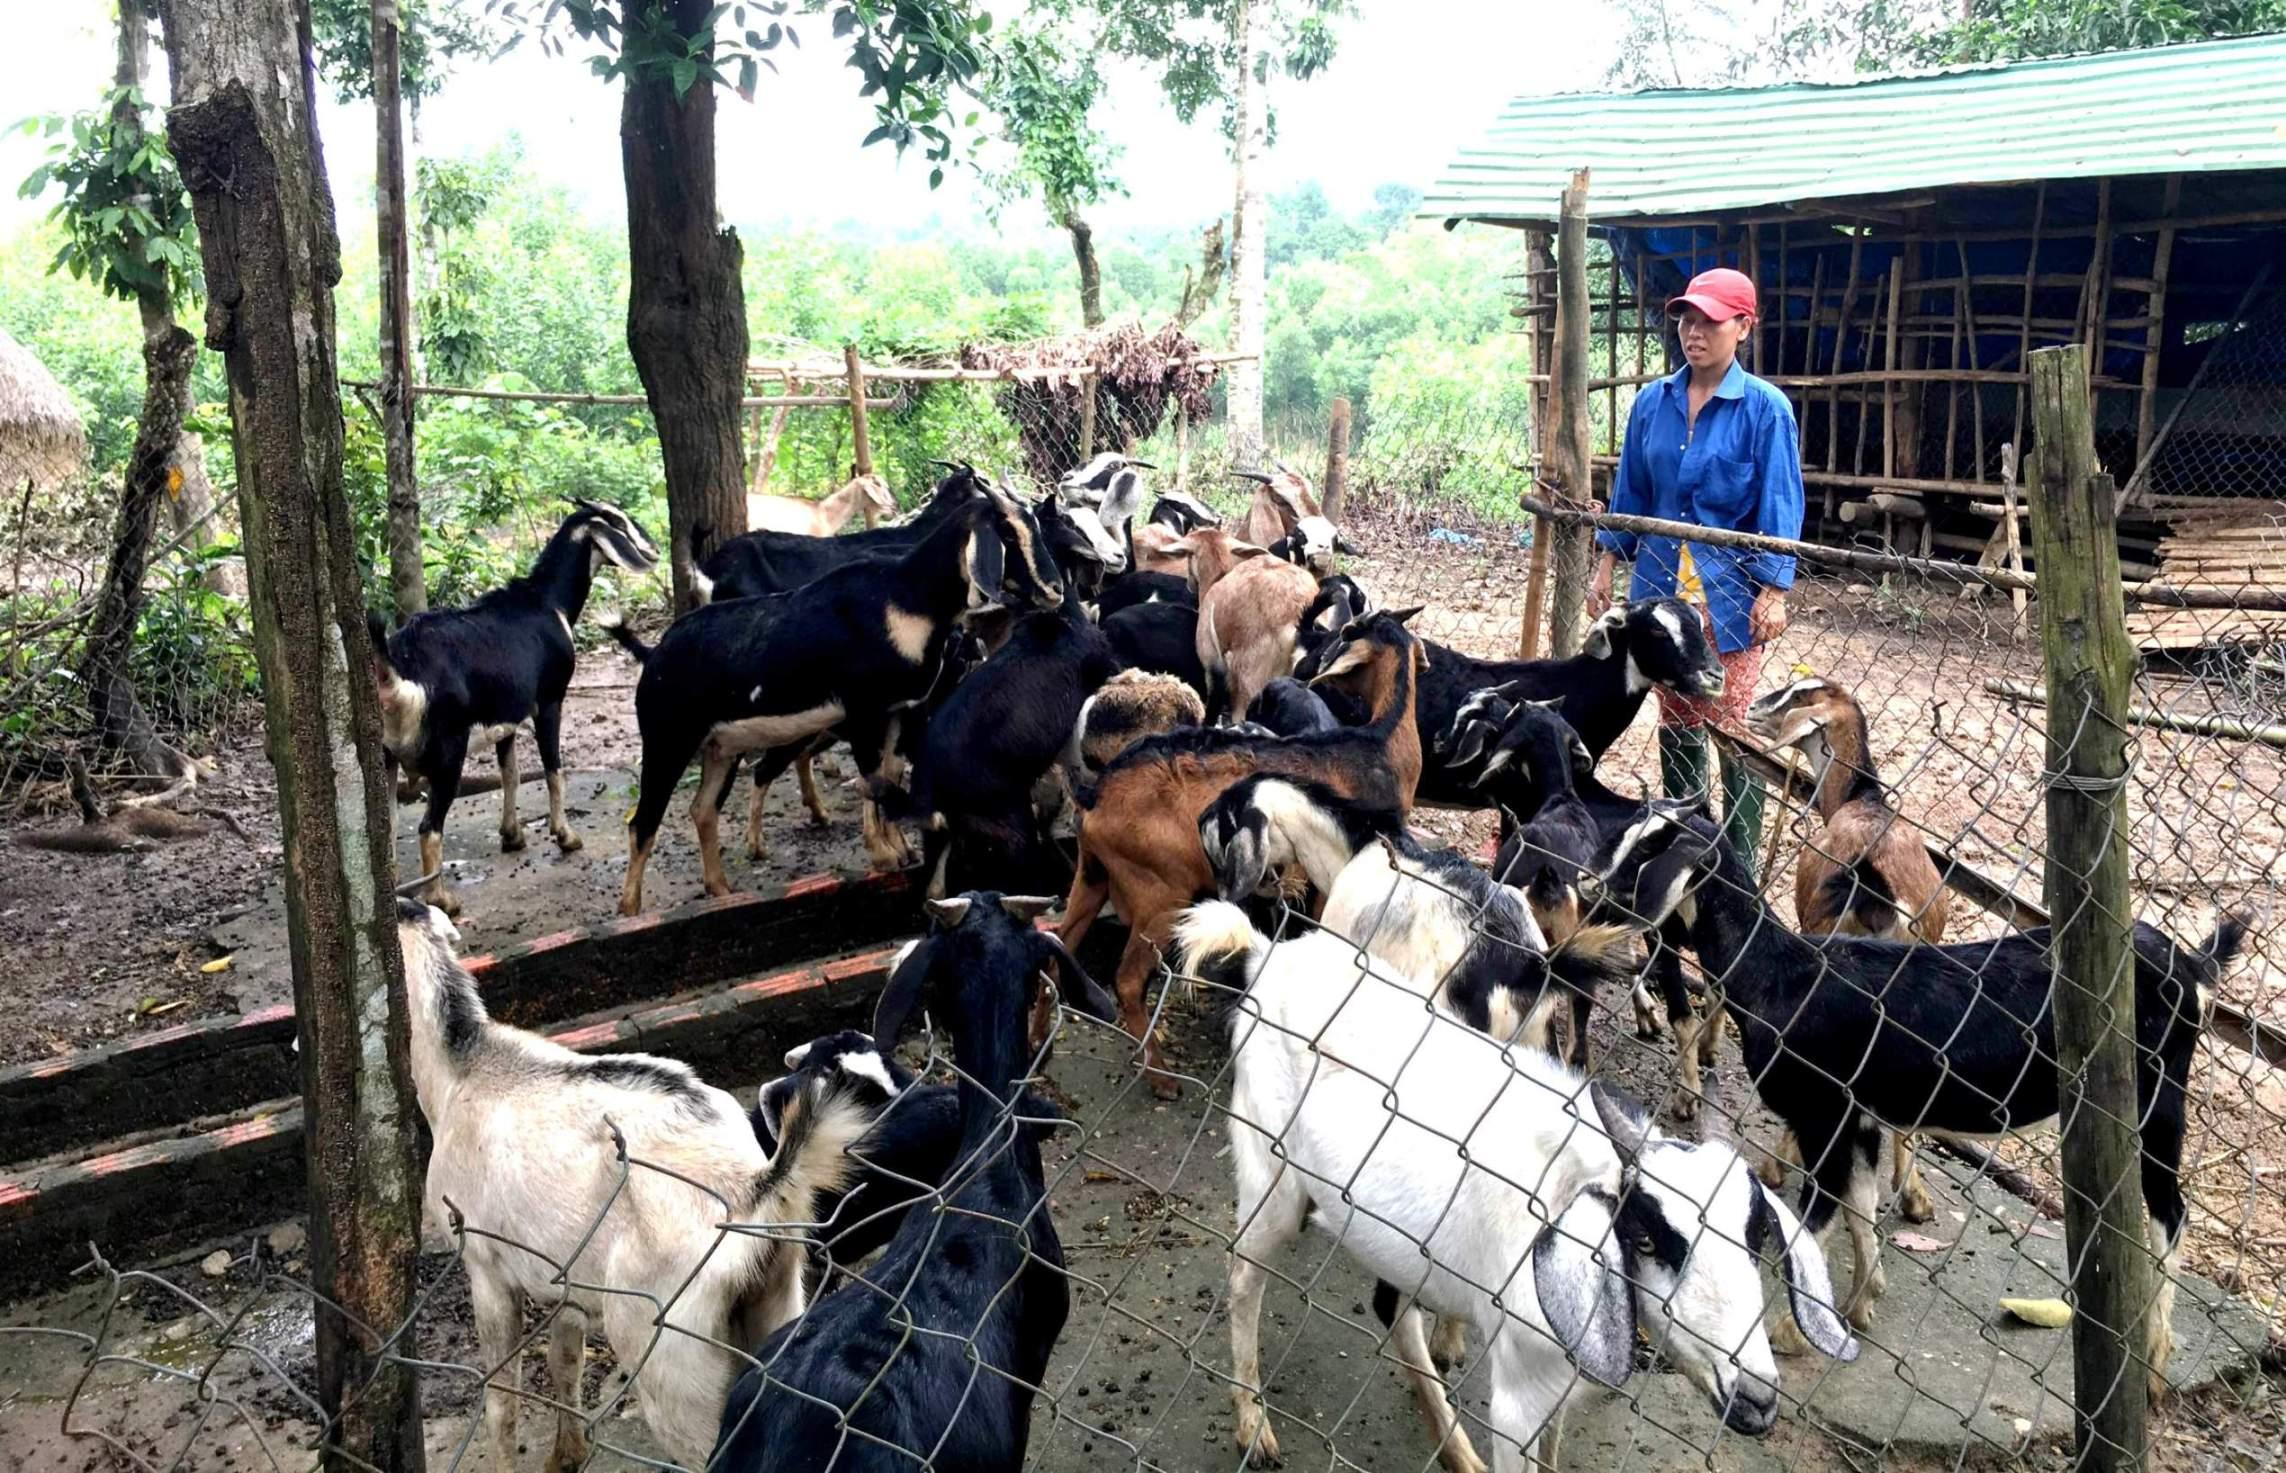 Xây dựng mô hình trang trại là hướng đi mới để cải thiện kinh tế. Ảnh: PHAN VINH